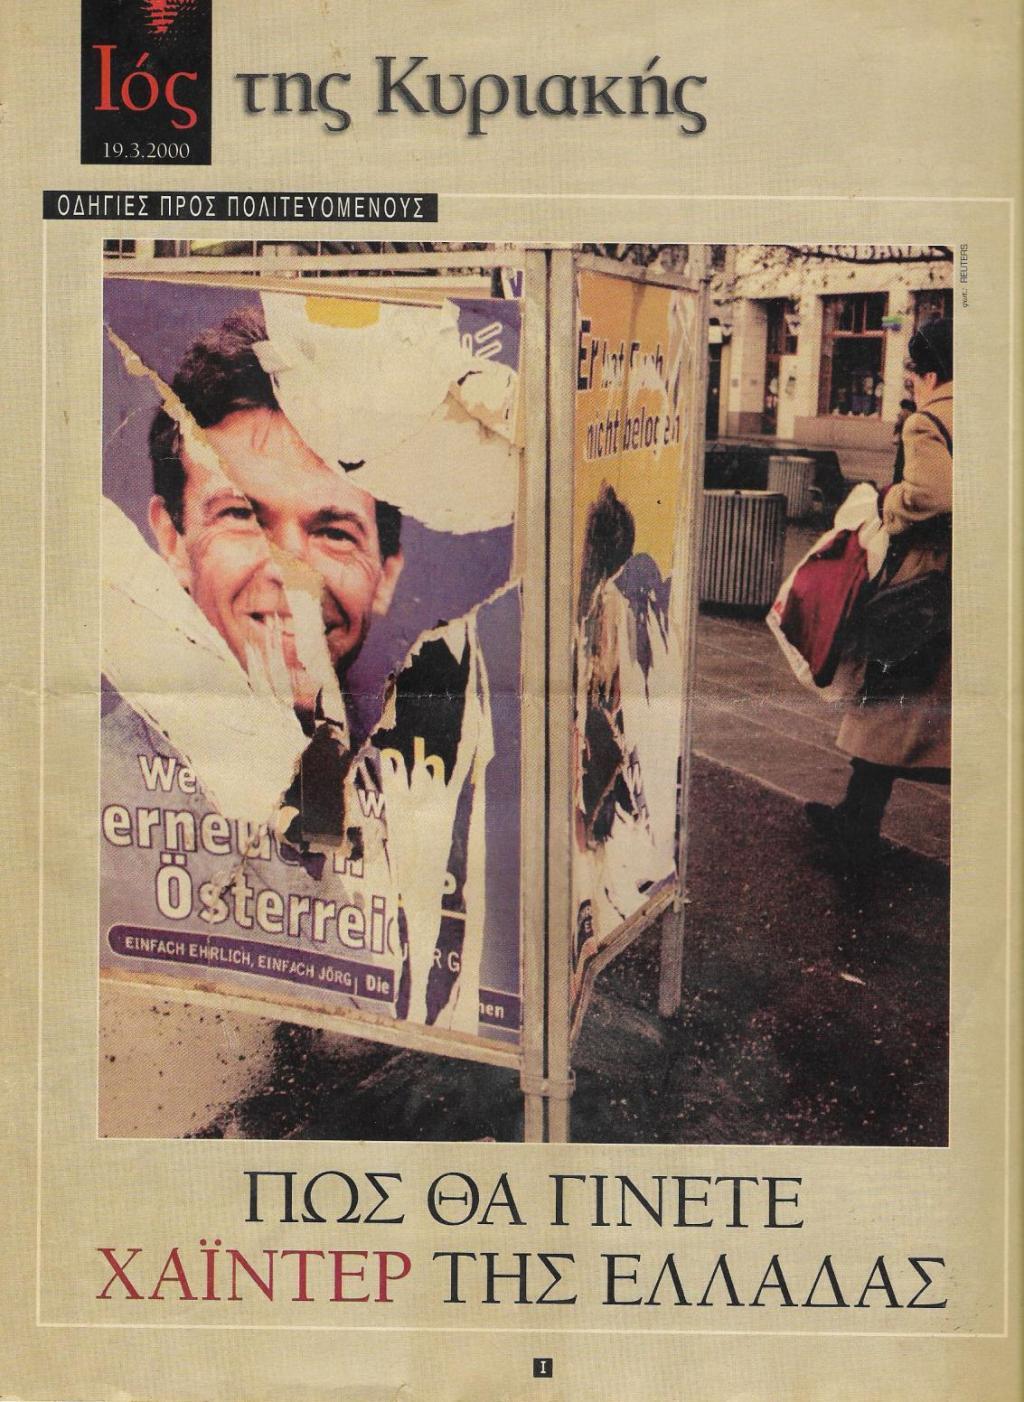 Οδηγίες προς πολιτευομένους, Πως θα γίνετε Χάιντερ της Ελλάδας, ΕΨΙΛΟΝ, 19/03/2000